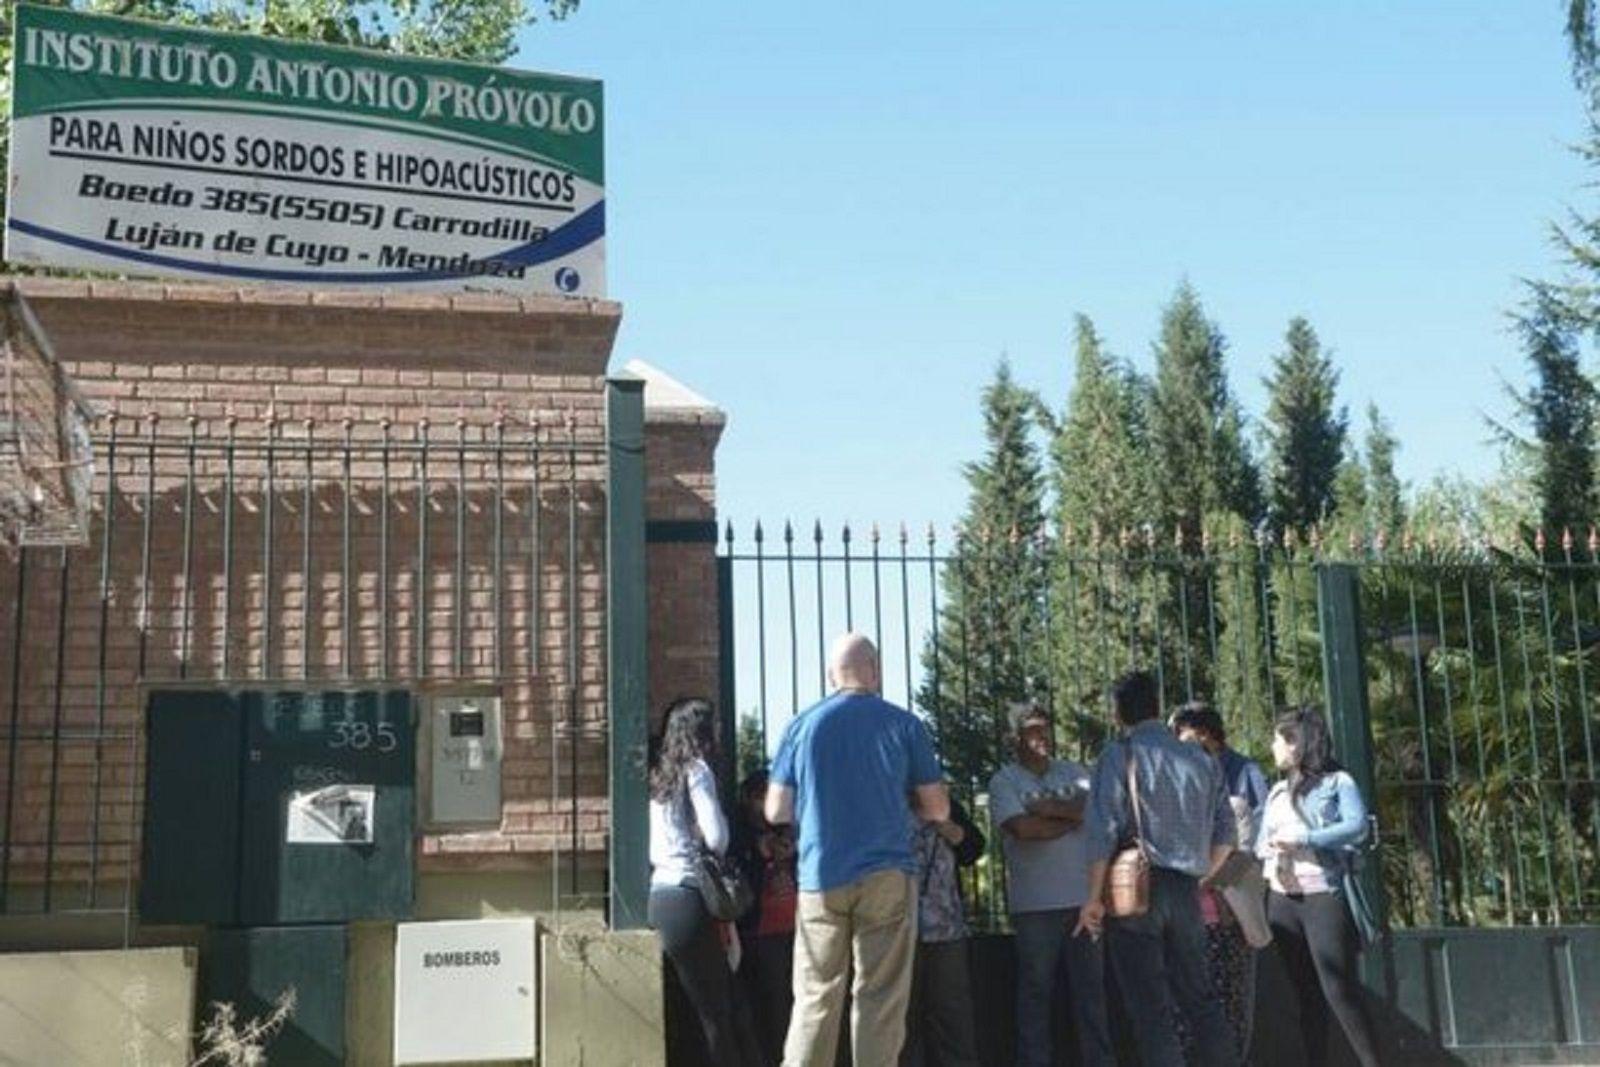 Confirman 25 casos de abuso en el Próvolo de Mendoza